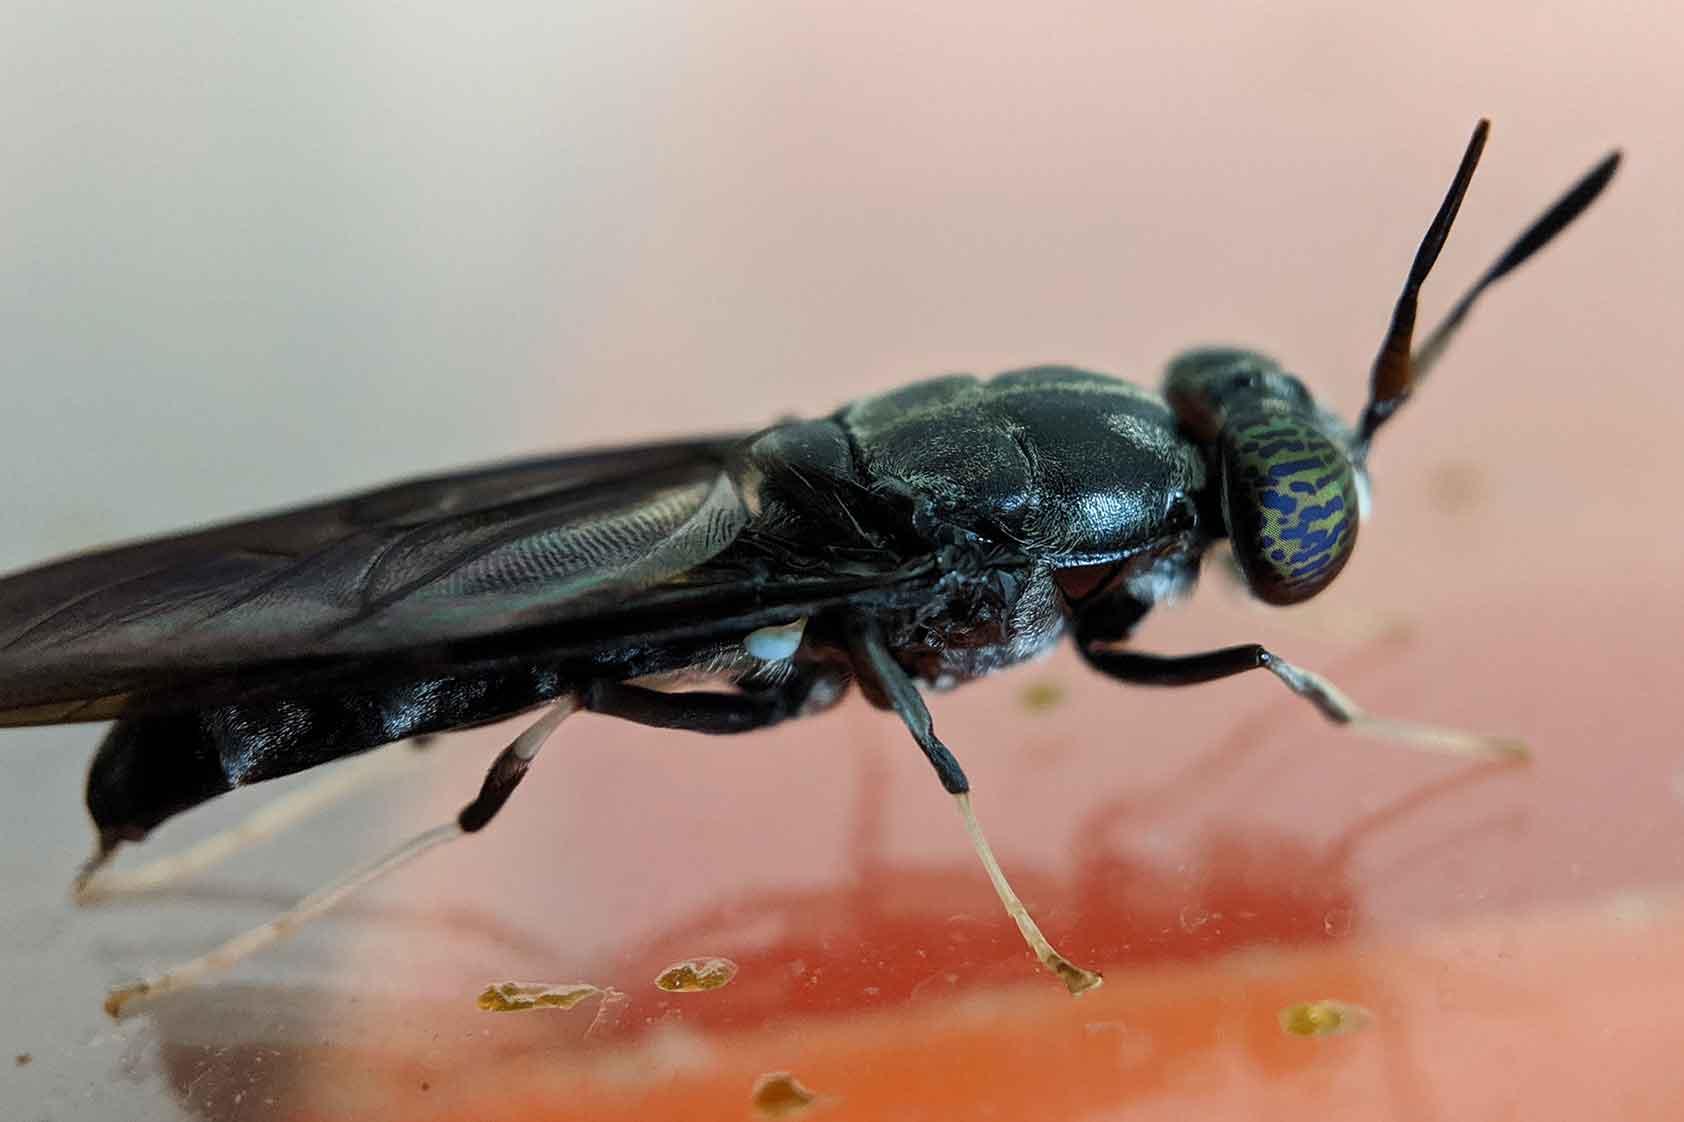 Nüfood: el proyecto sobre la mosca soldado que aprendió de sus fracasos